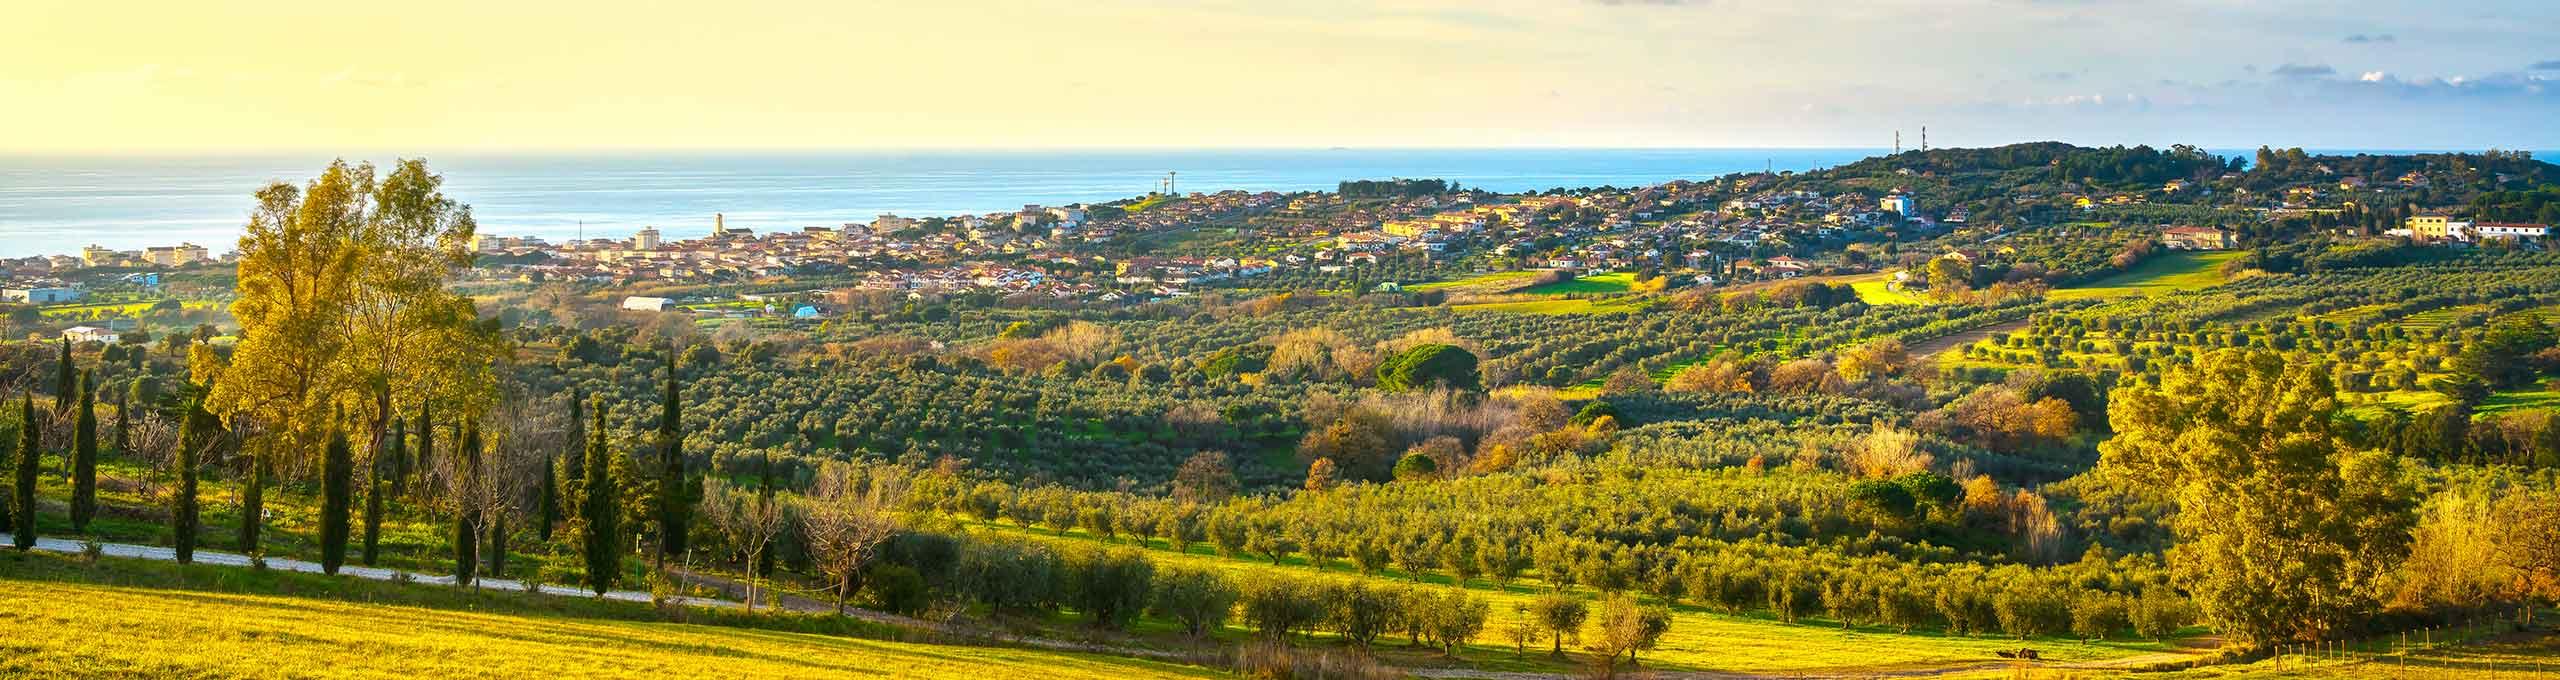 San Vincenzo, Costa degli Etruschi